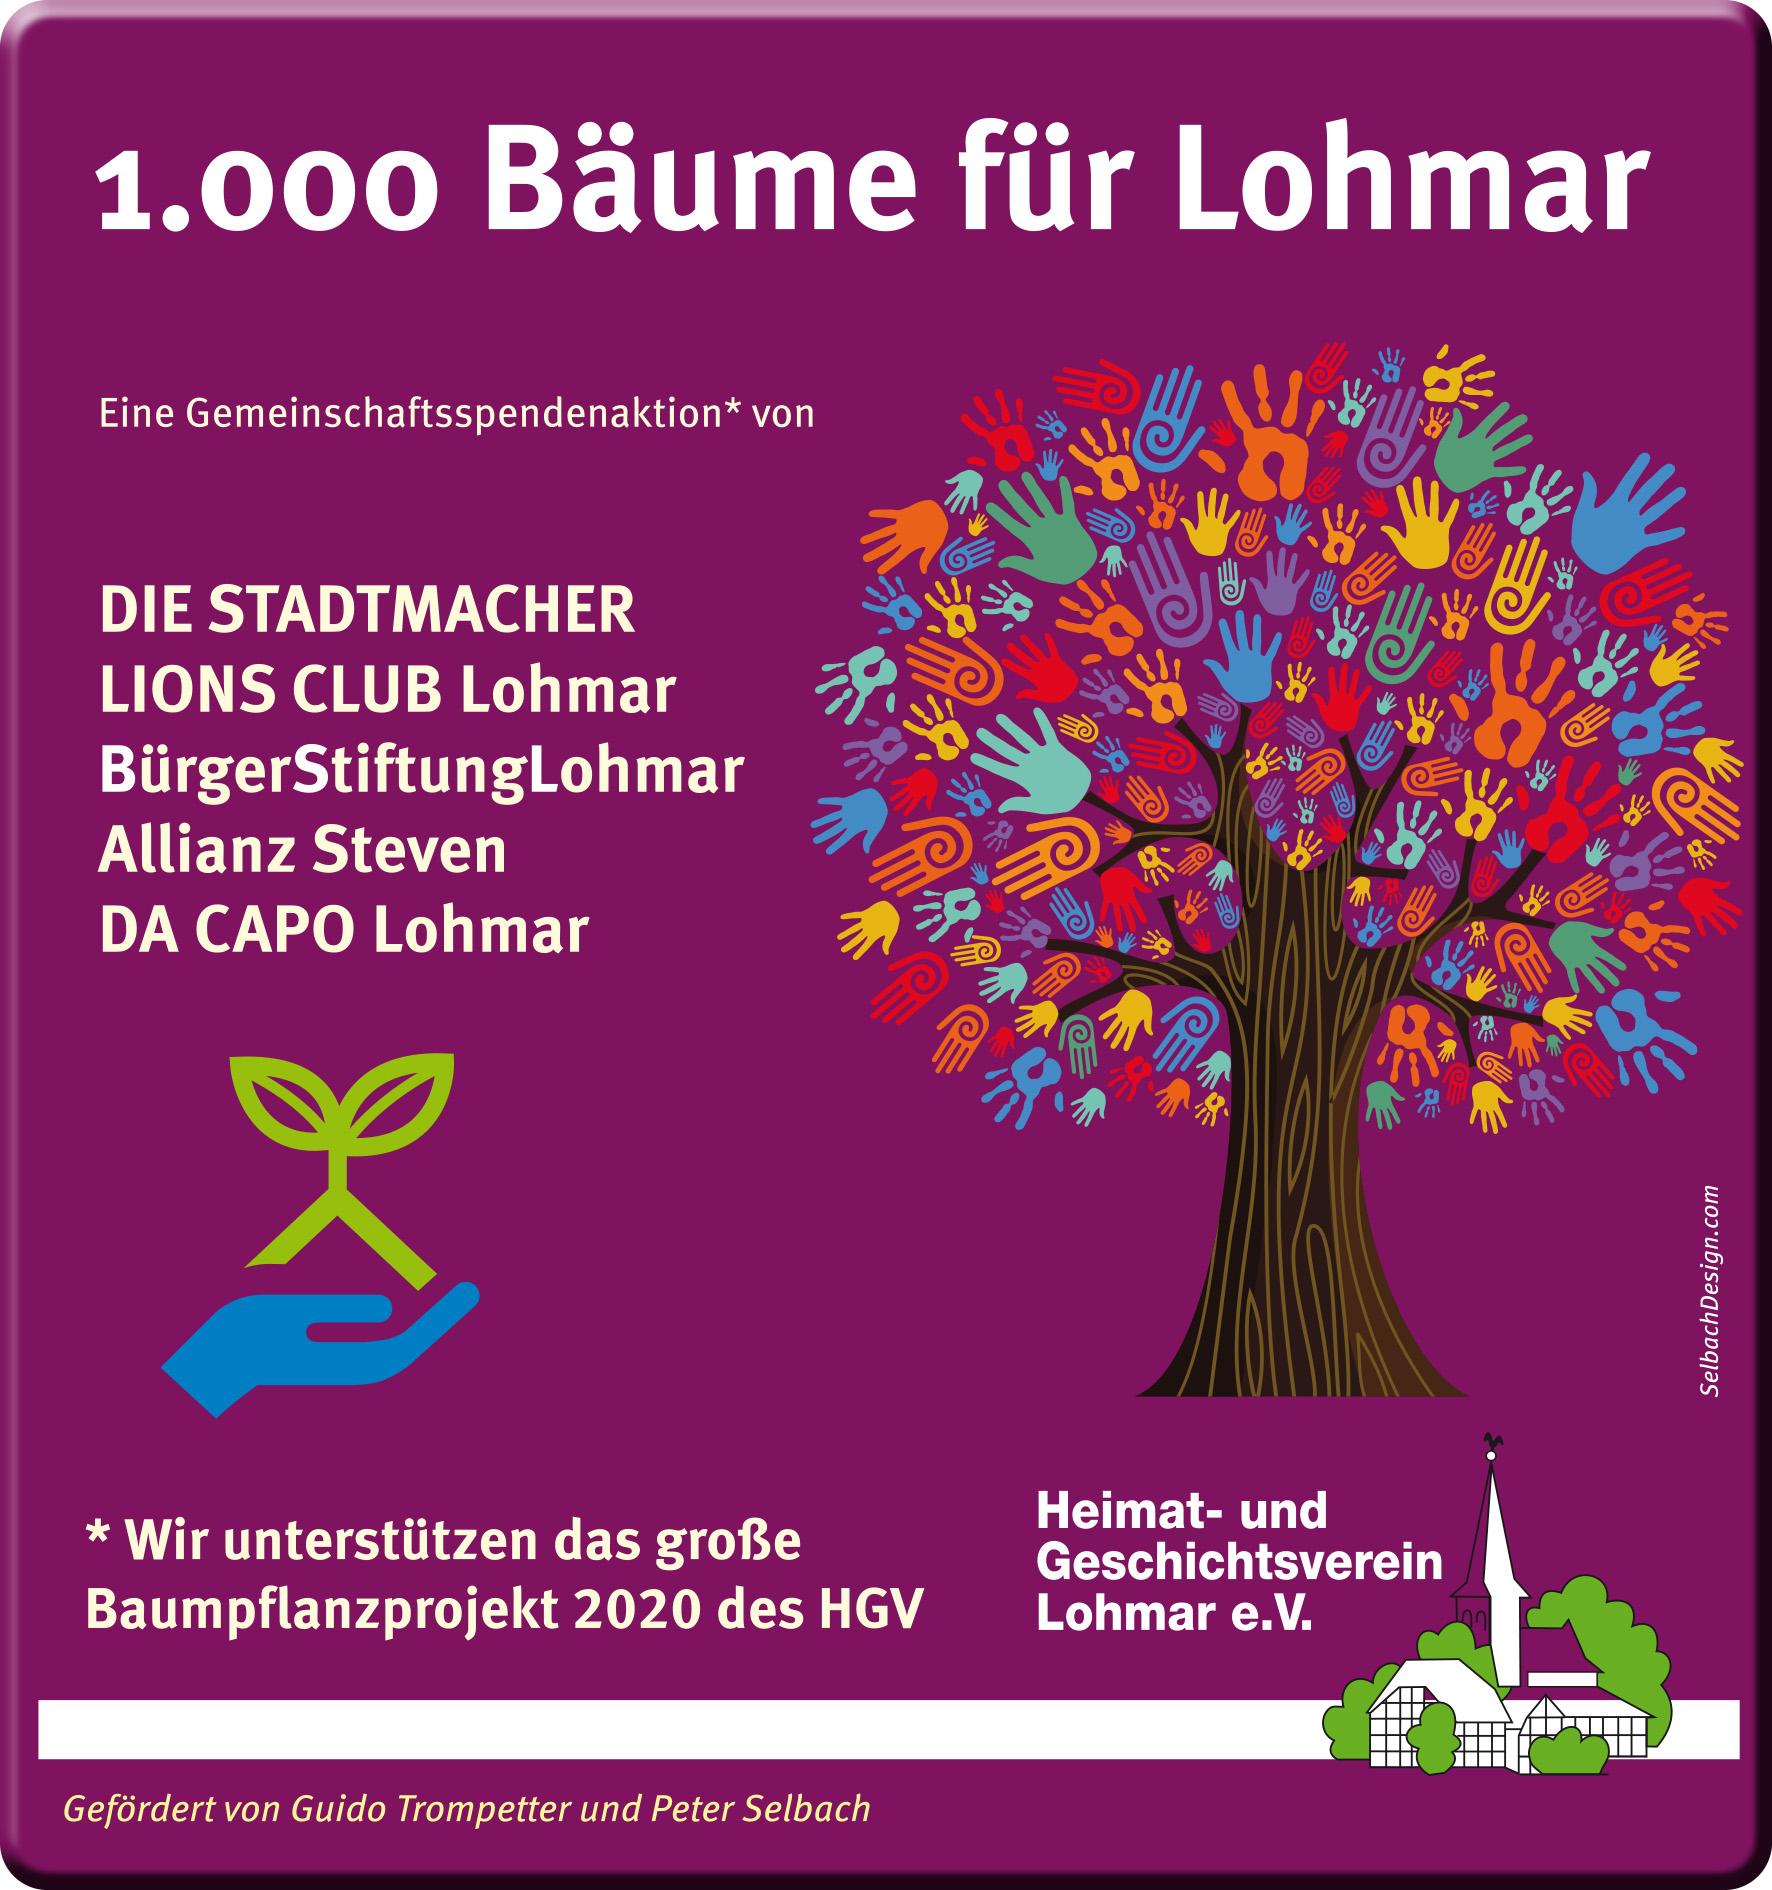 1000-bäume-logo